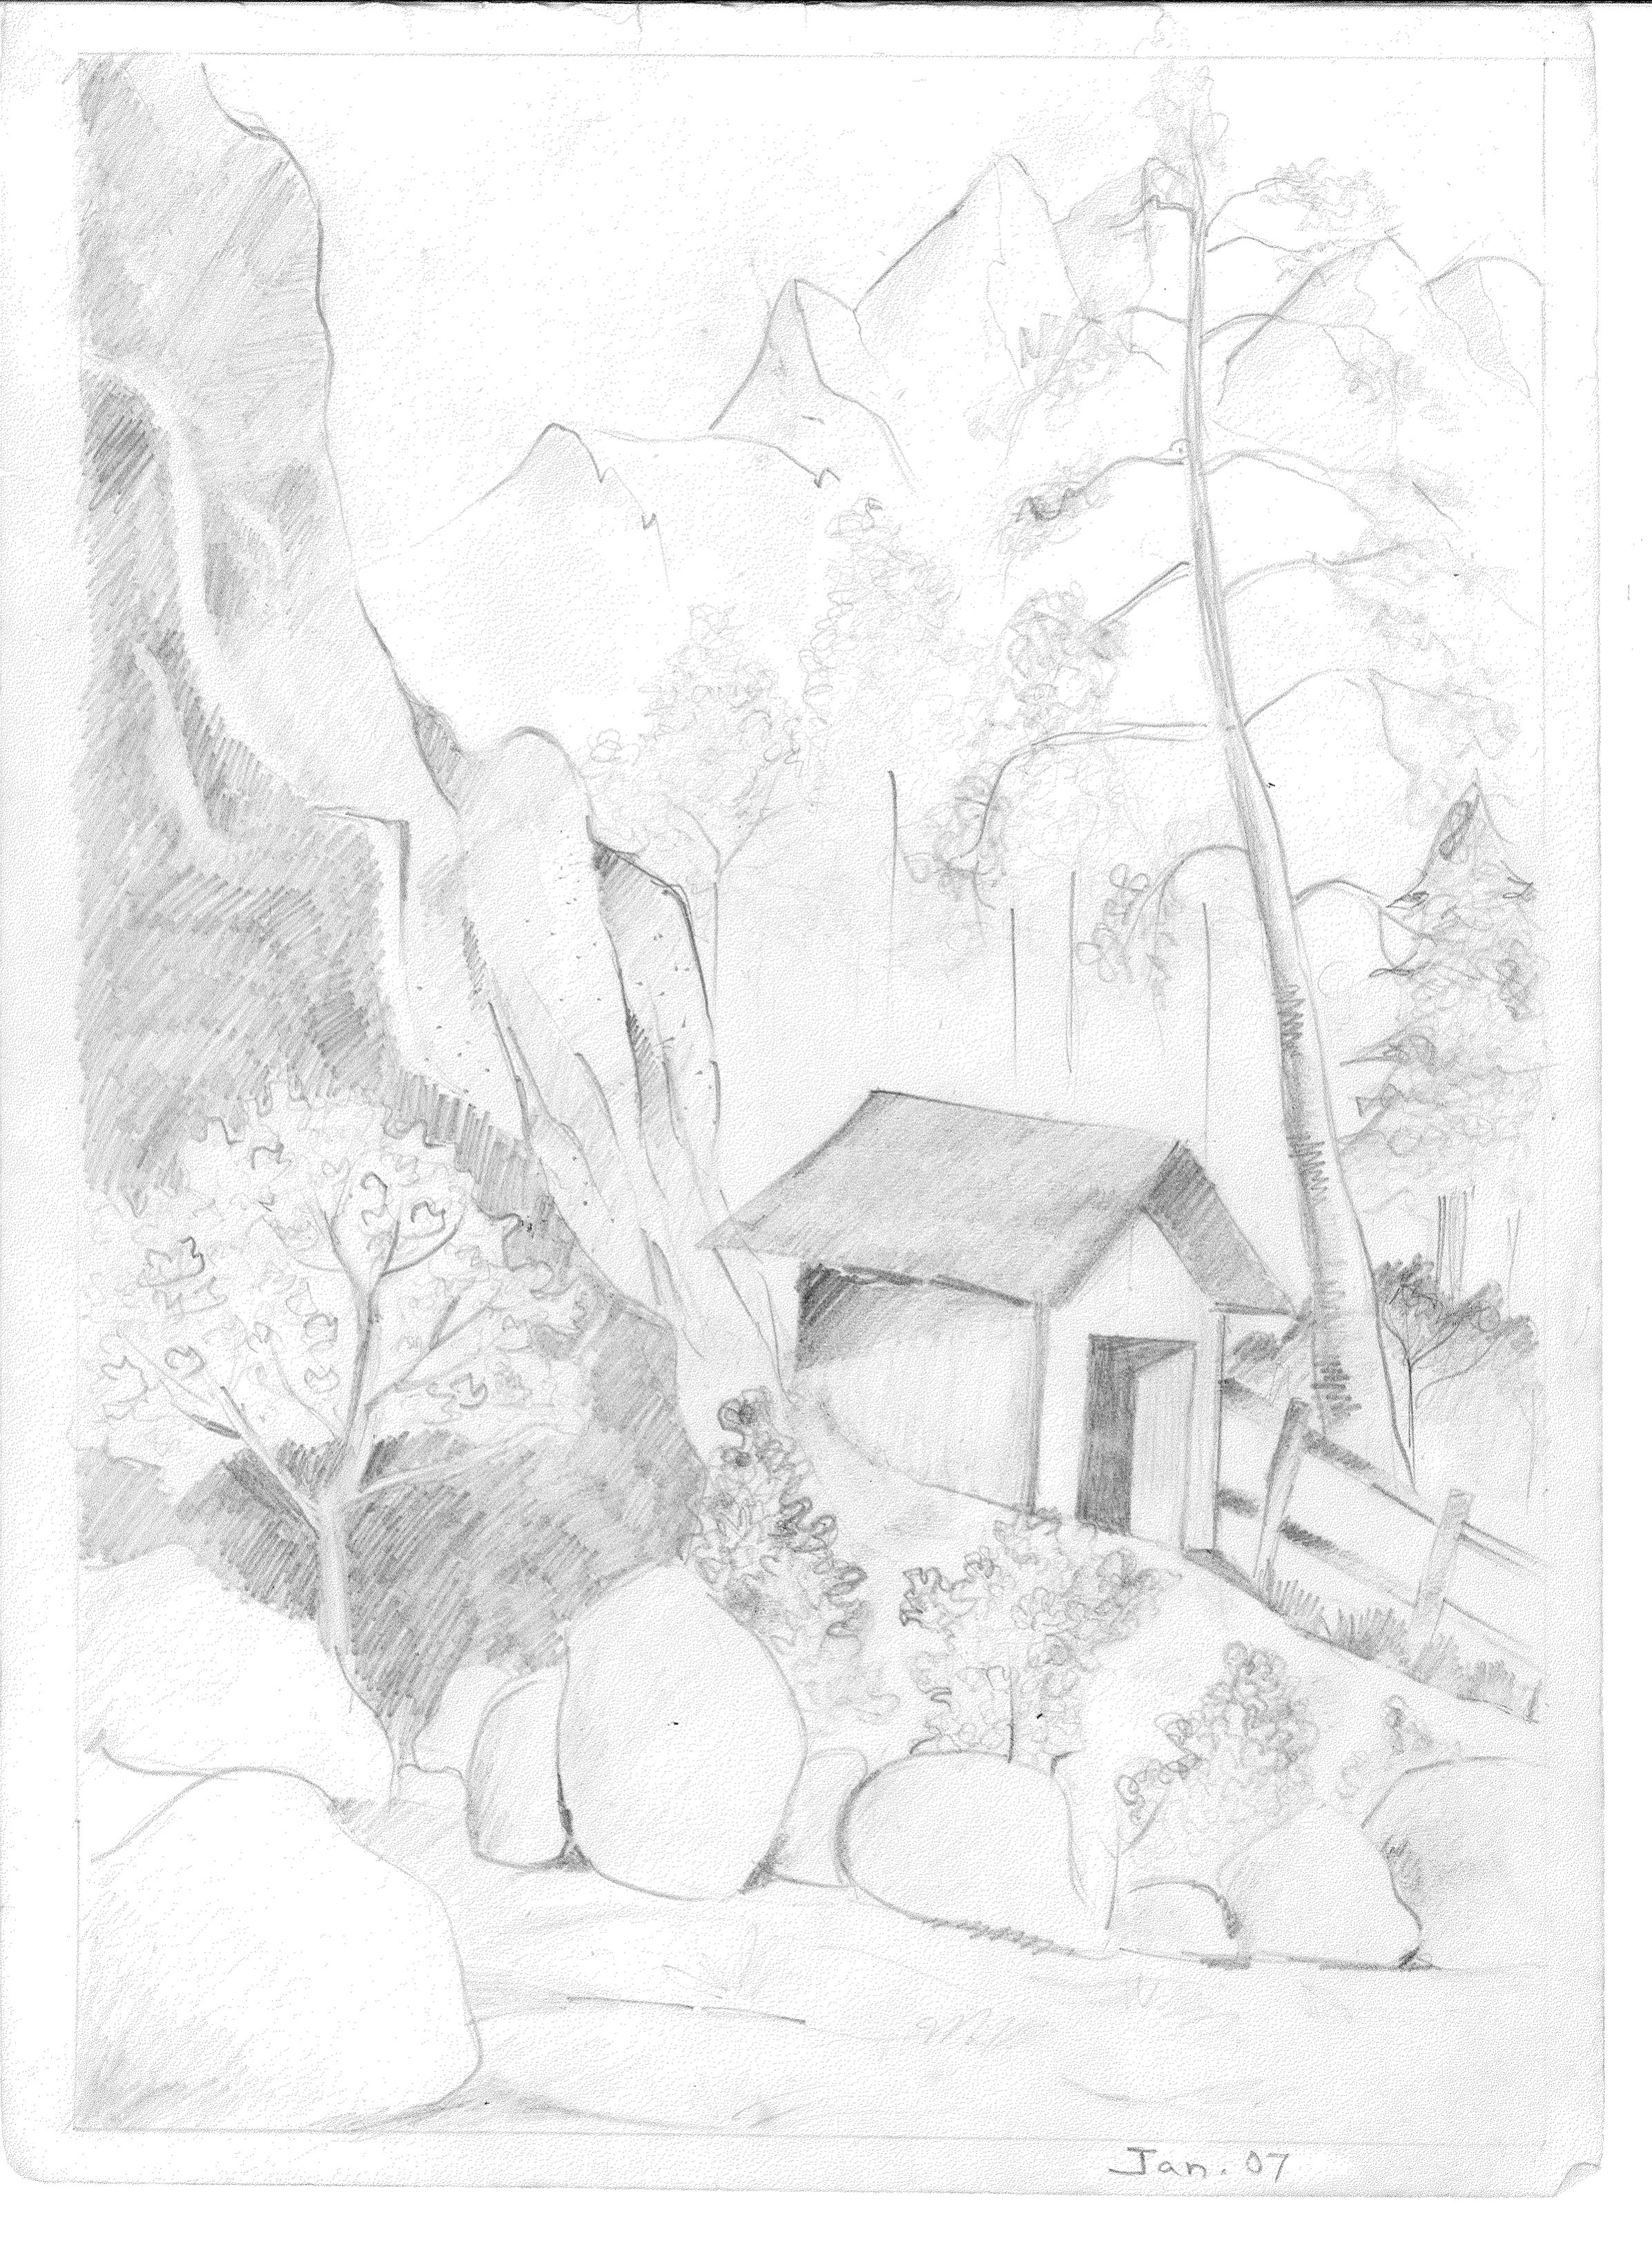 Sketch 2, Jan 2007